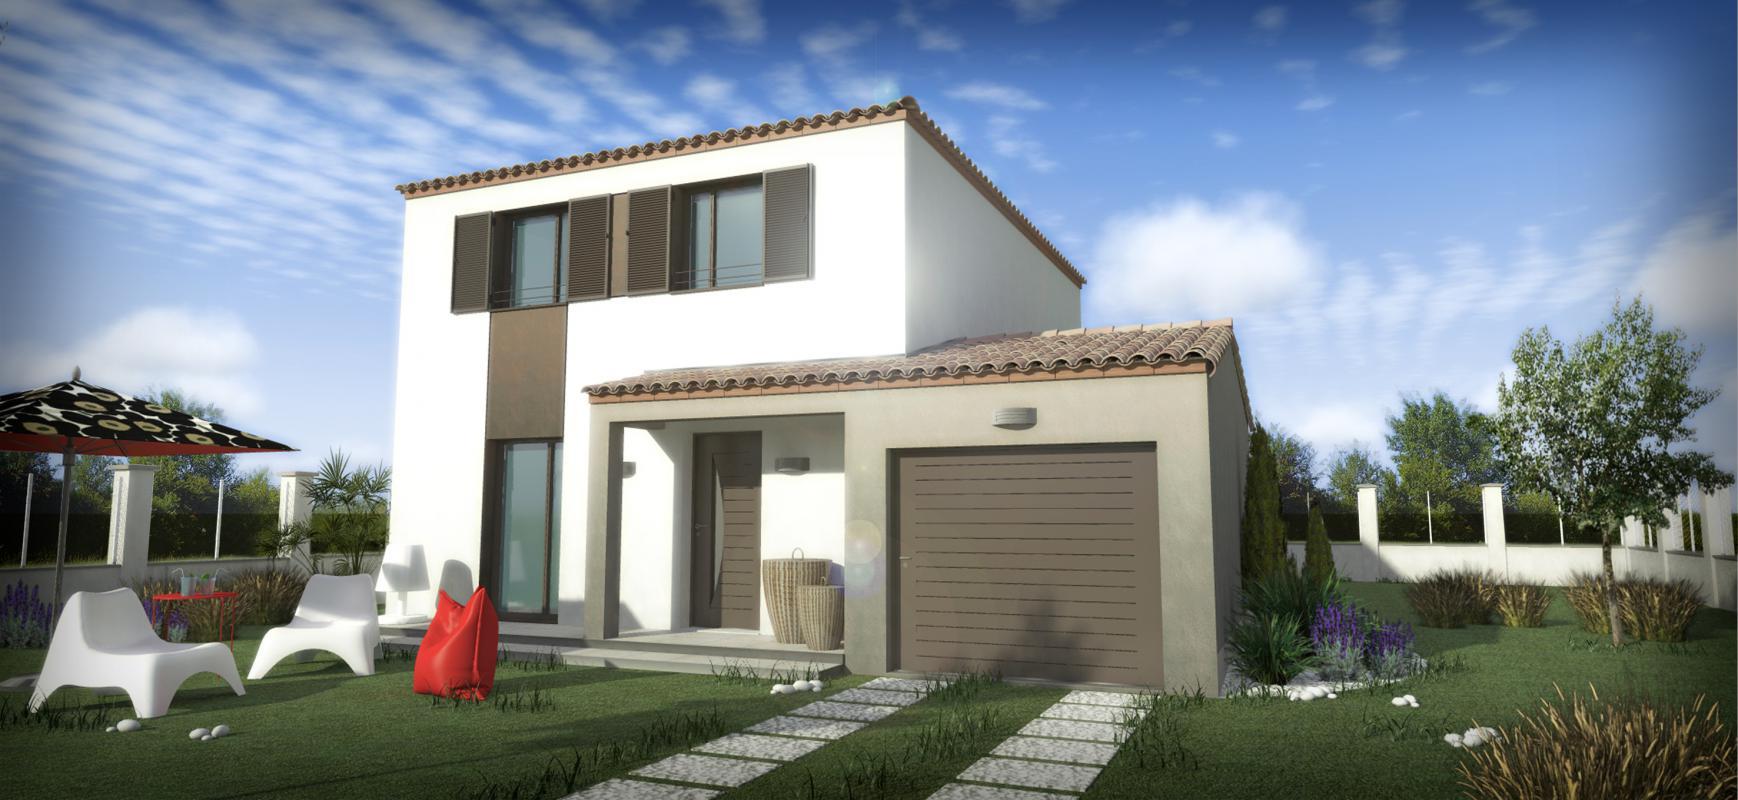 Maisons + Terrains du constructeur SM MAISON • 85 m² • CORNEILLA DEL VERCOL